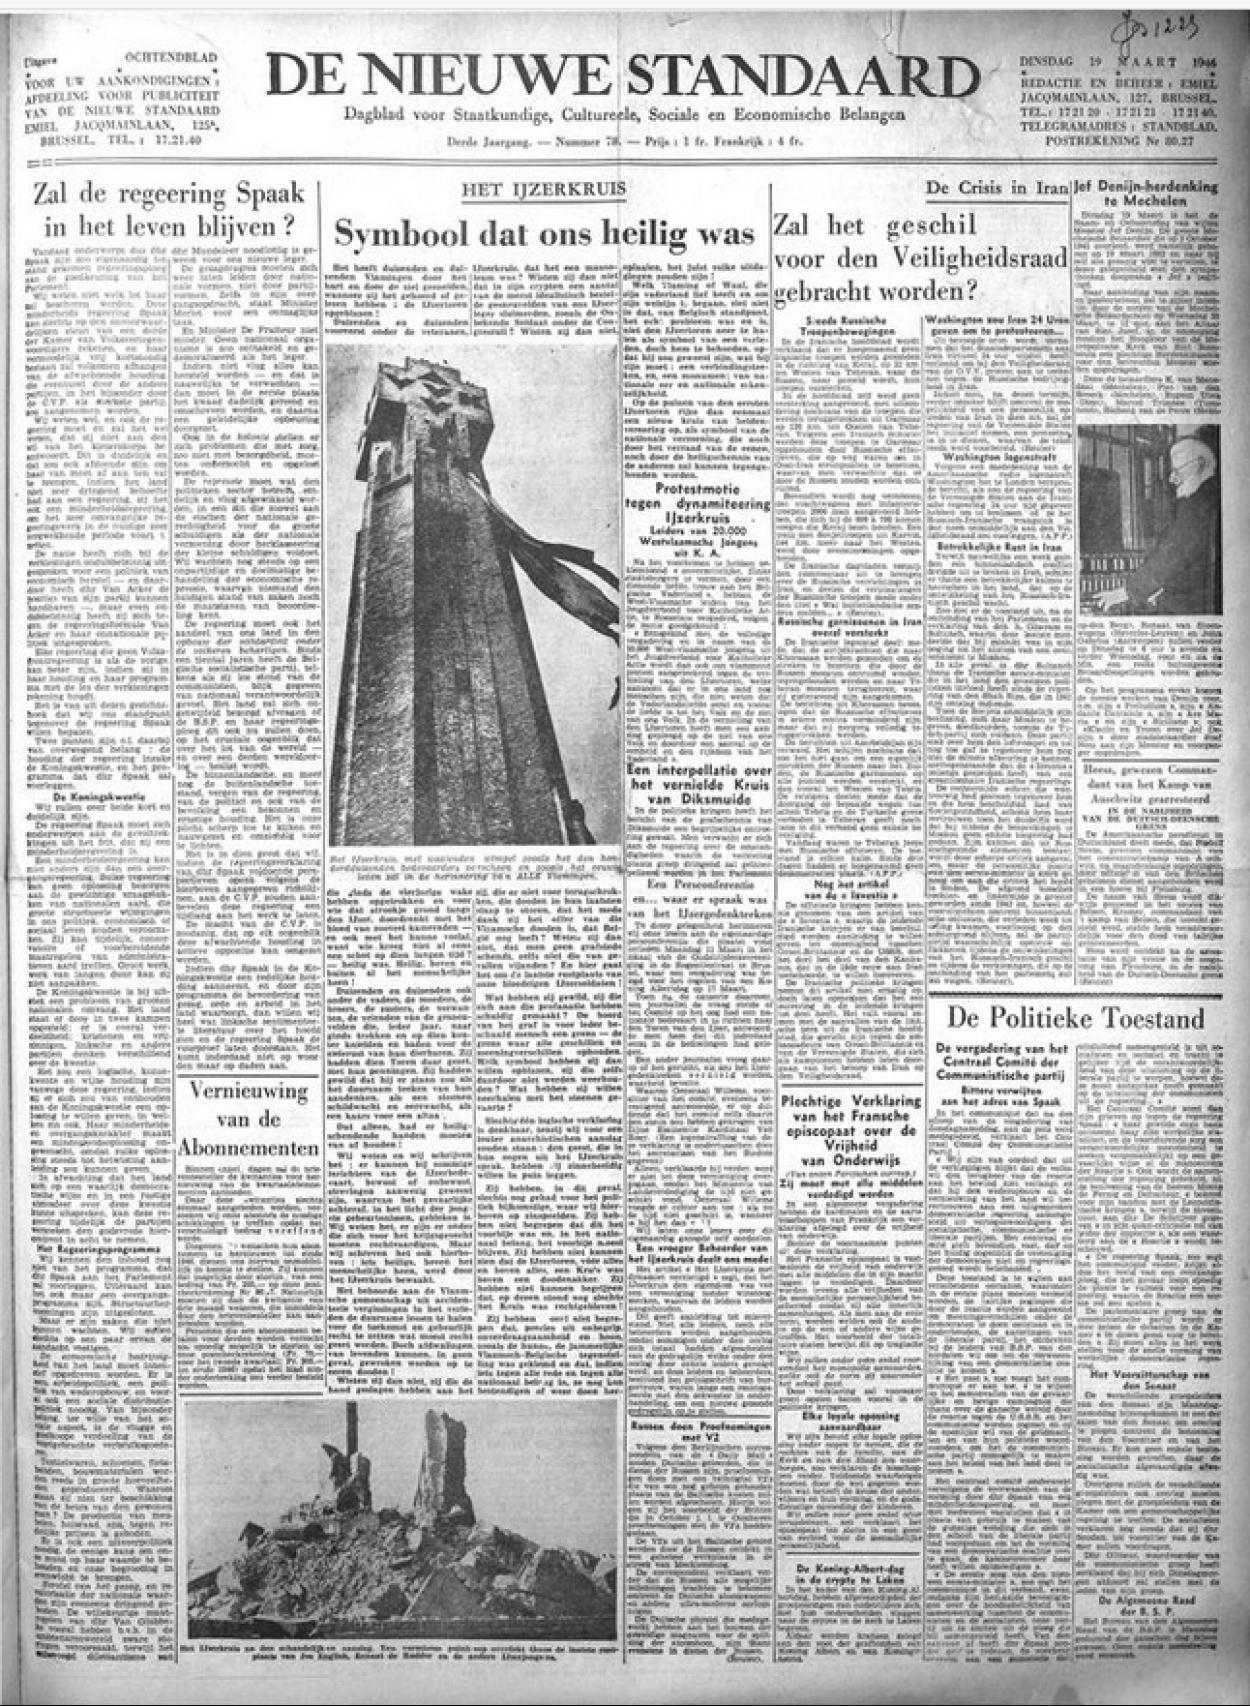 de-nieuwe-standaard-19-3-1946.png